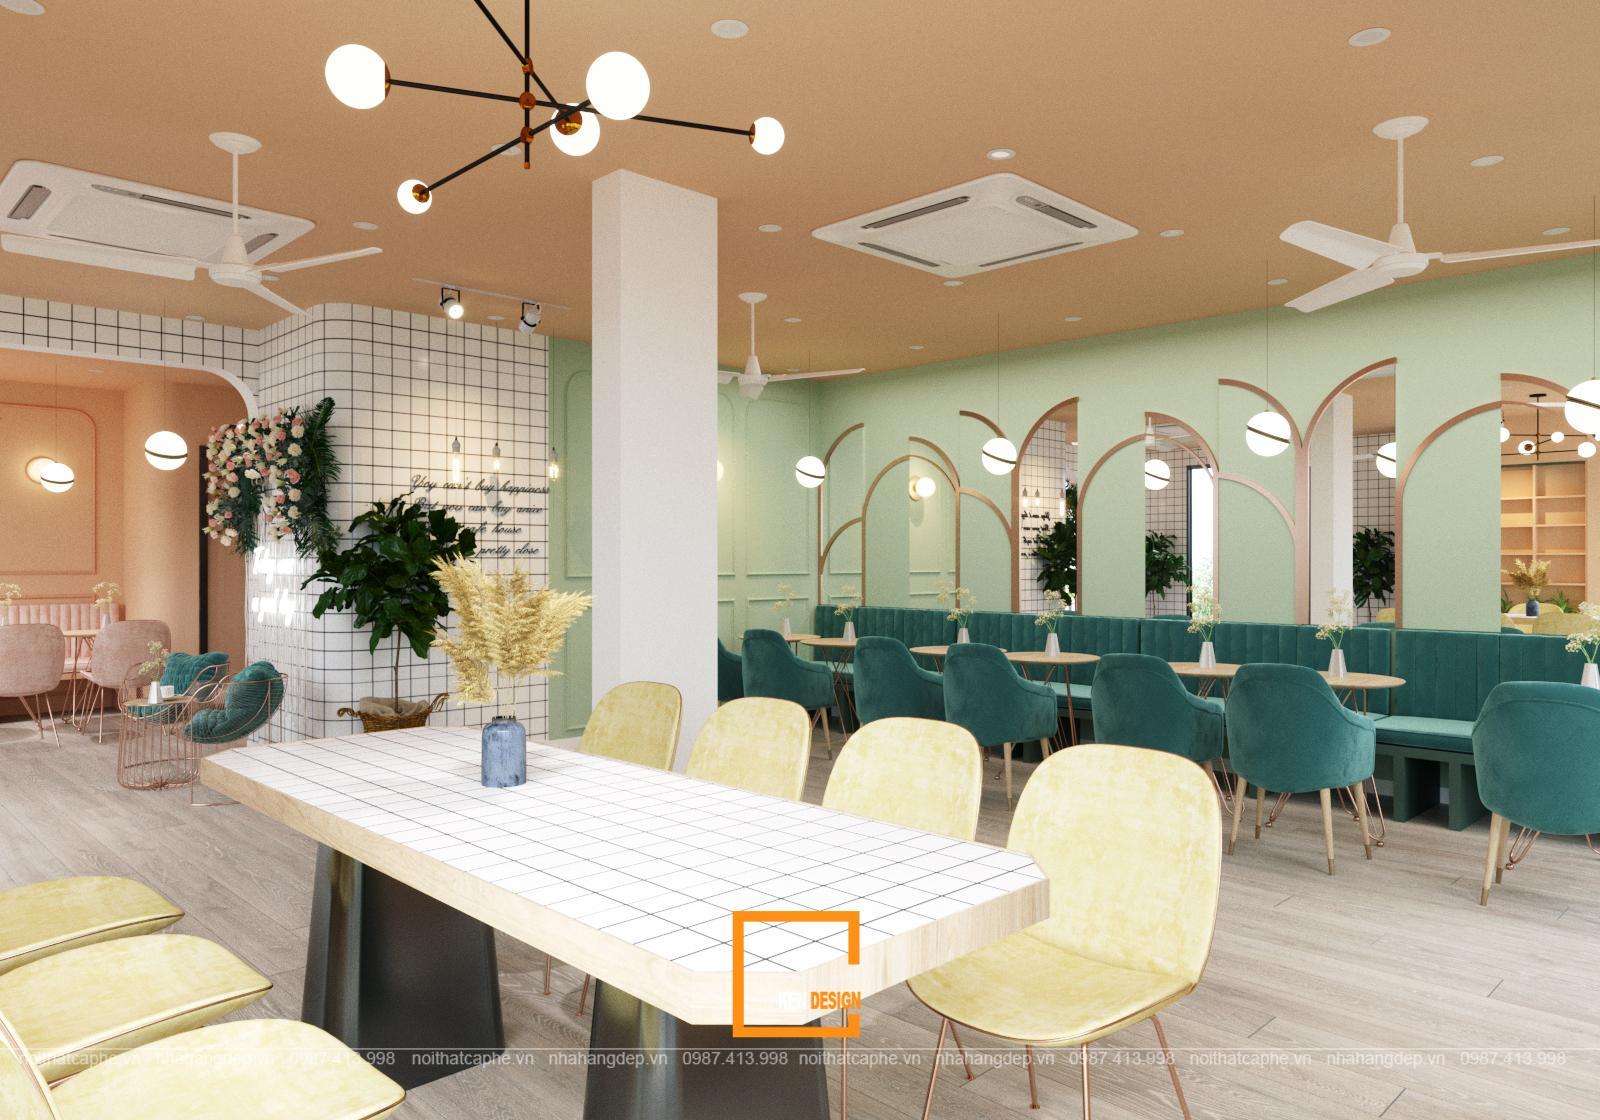 bàn ghế trong quán Kat Coffee & Tea